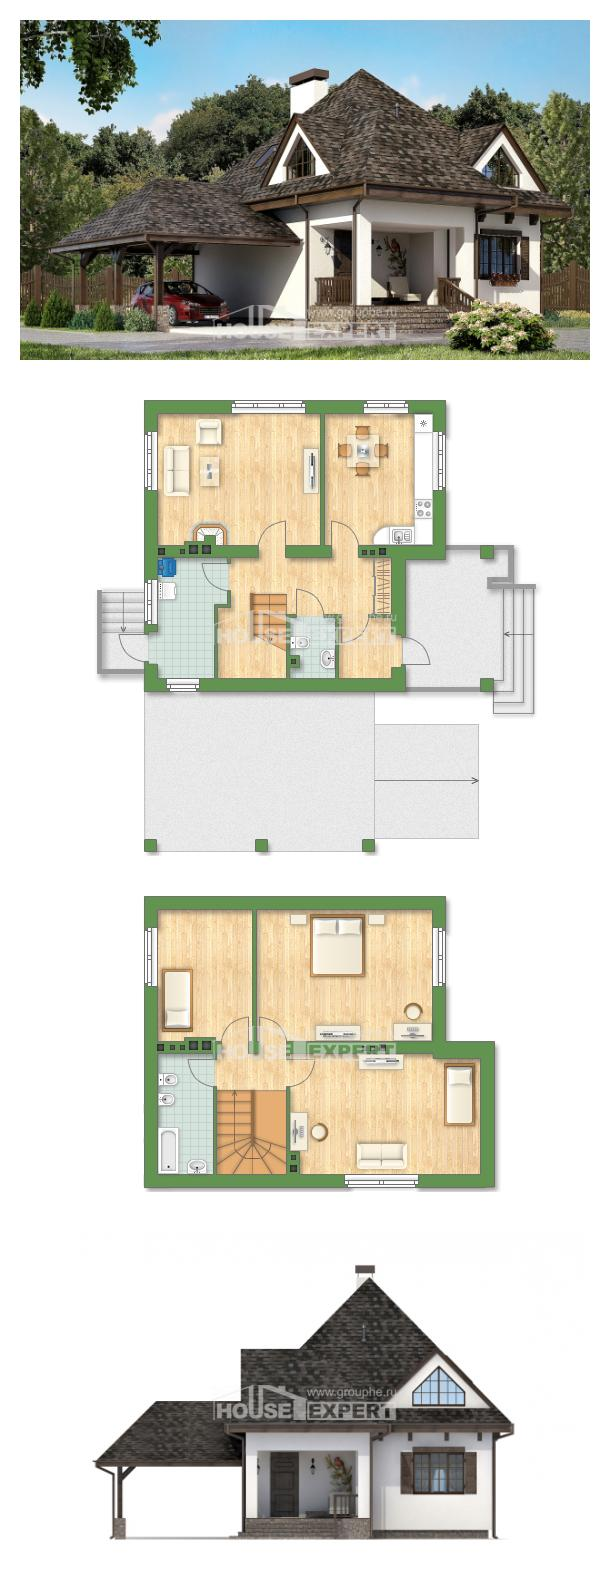 房子的设计 110-002-L | House Expert